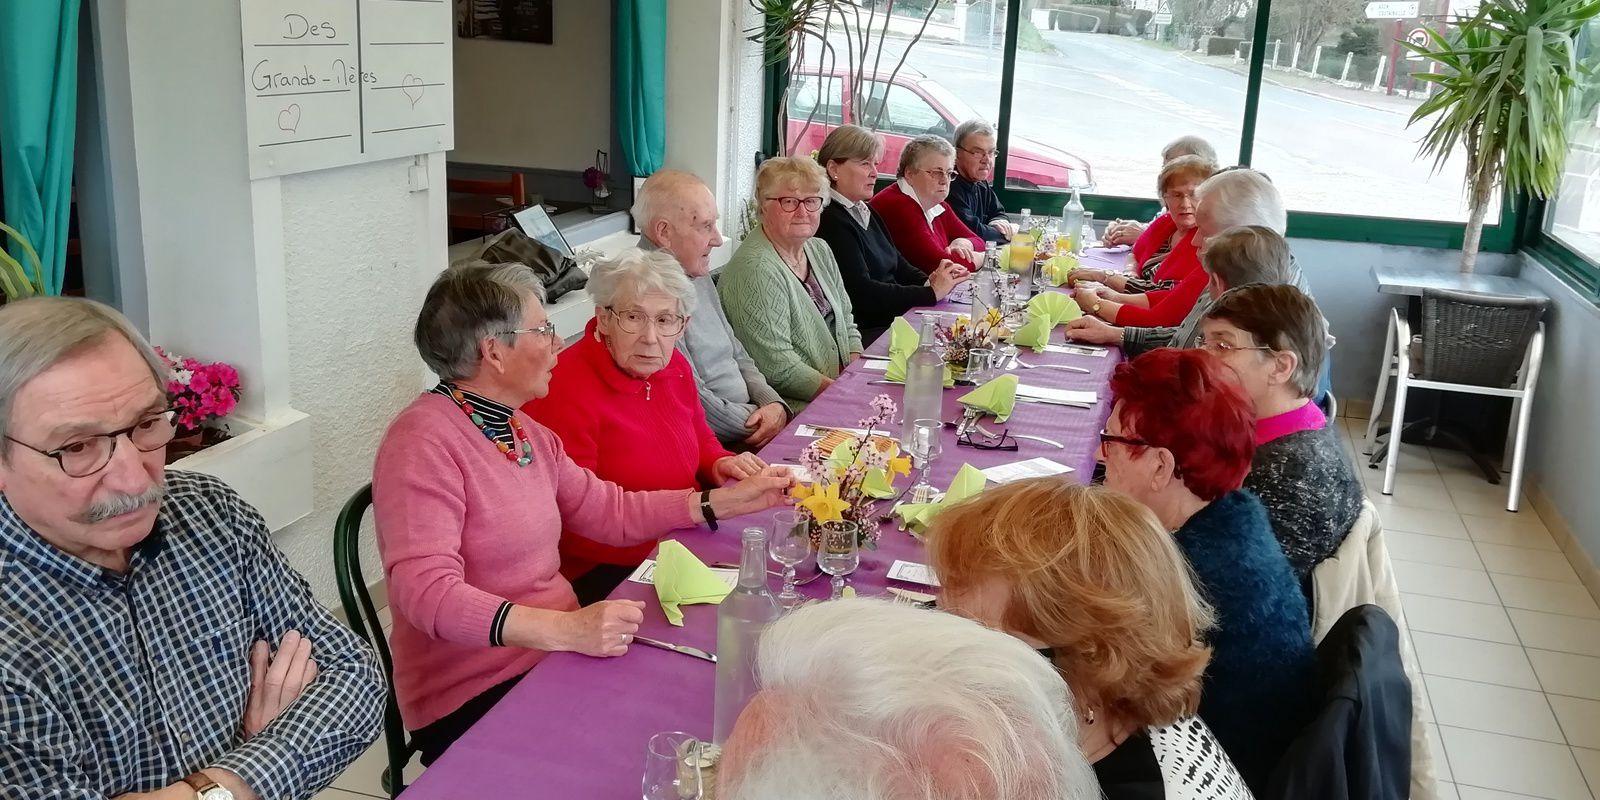 Le traditionnel repas des aînés offert par la commune.